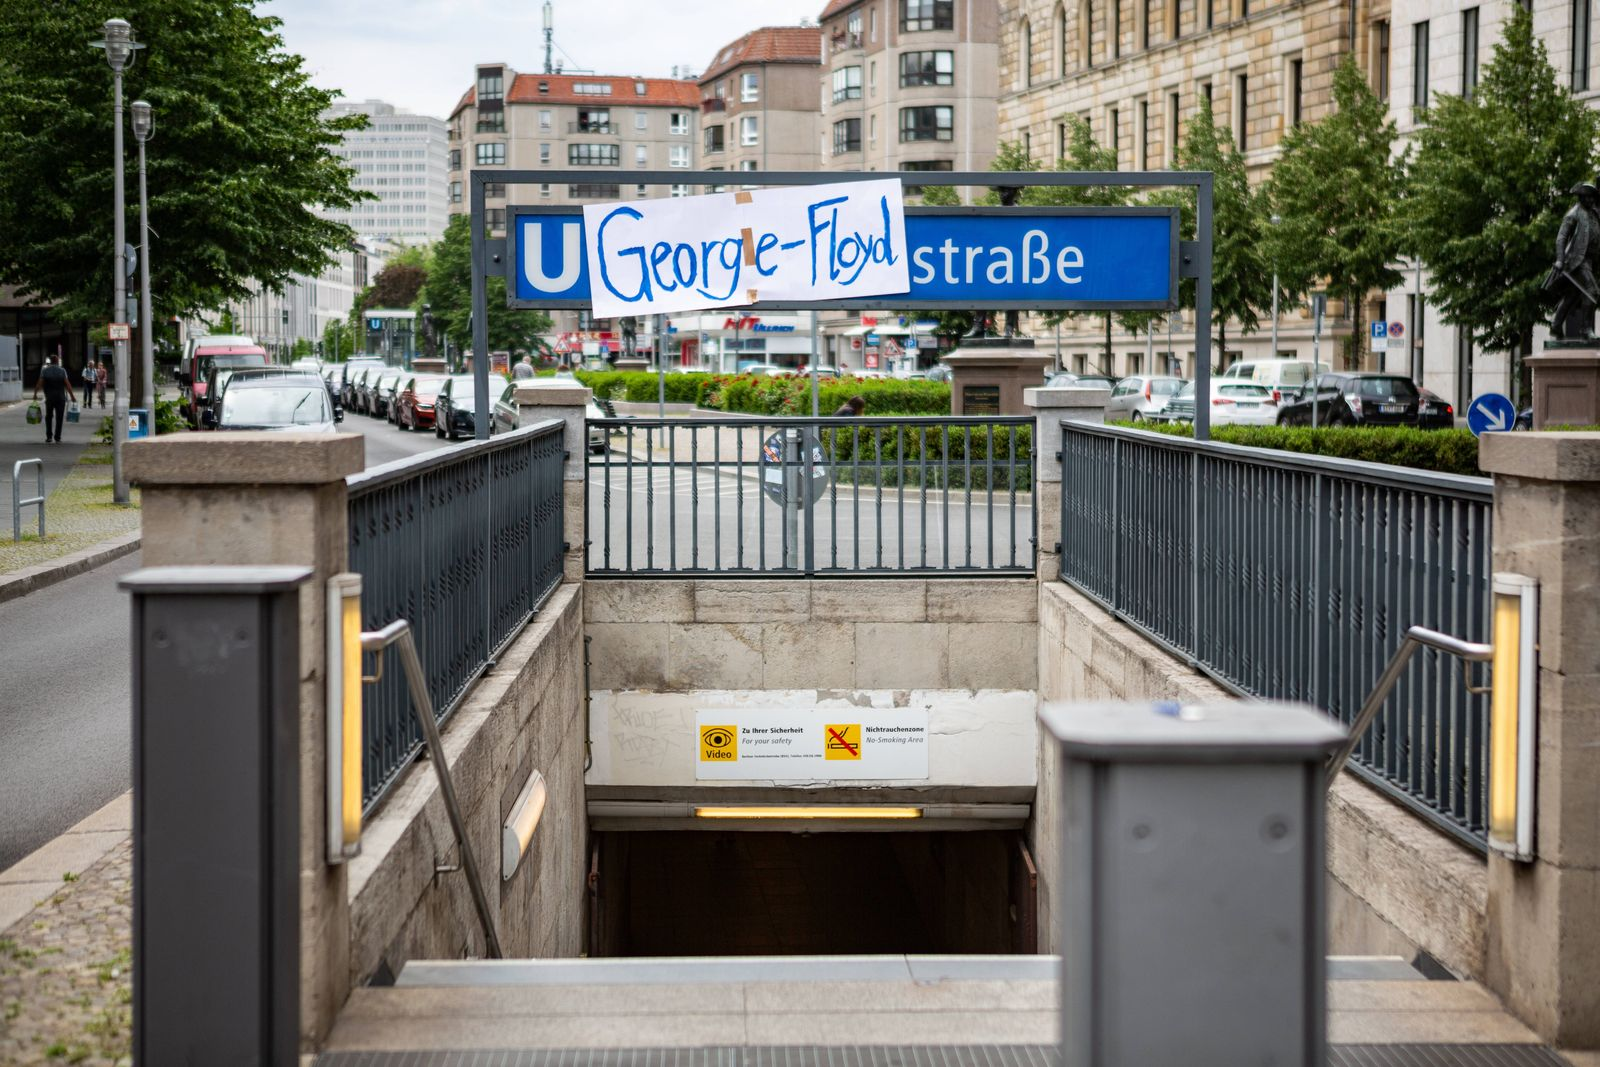 Aus der Mohrenstraße wird die George-Floyd-Straße, Aktivisten haben den Eingang zum U-Bahnhof Mohrenstraße mit einem Pl